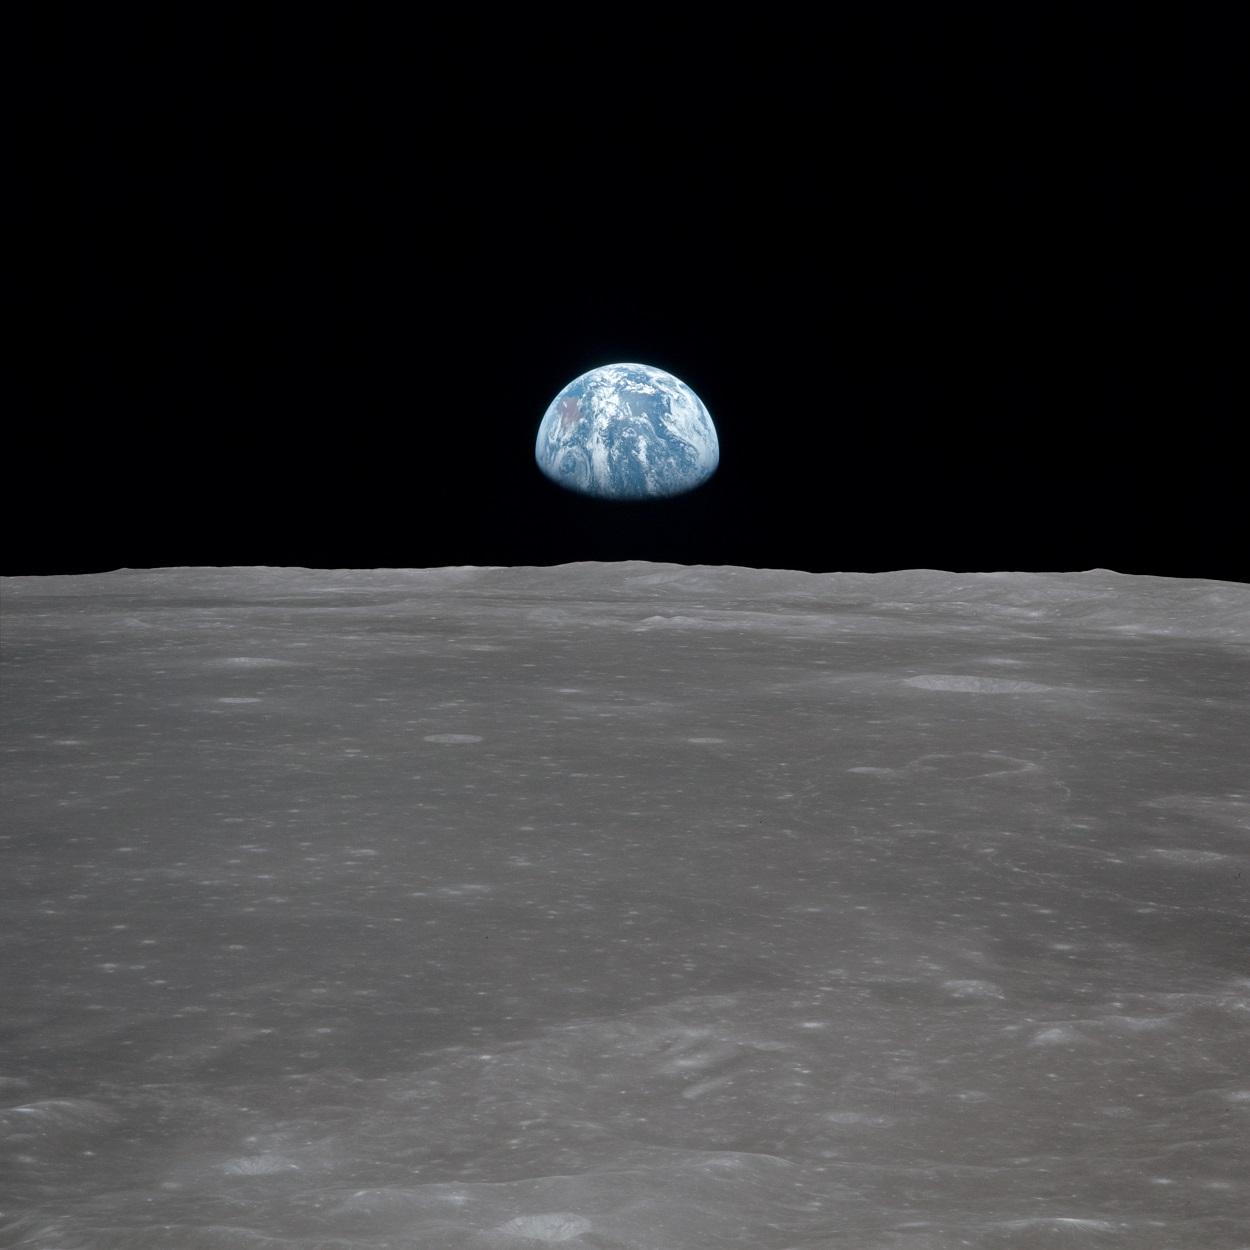 Vista de la superficie lunar con la Tierra al fondo, timada durante la misión Apolo 11 el 20 de julio de 1969. NASA / Wikimedia Commons